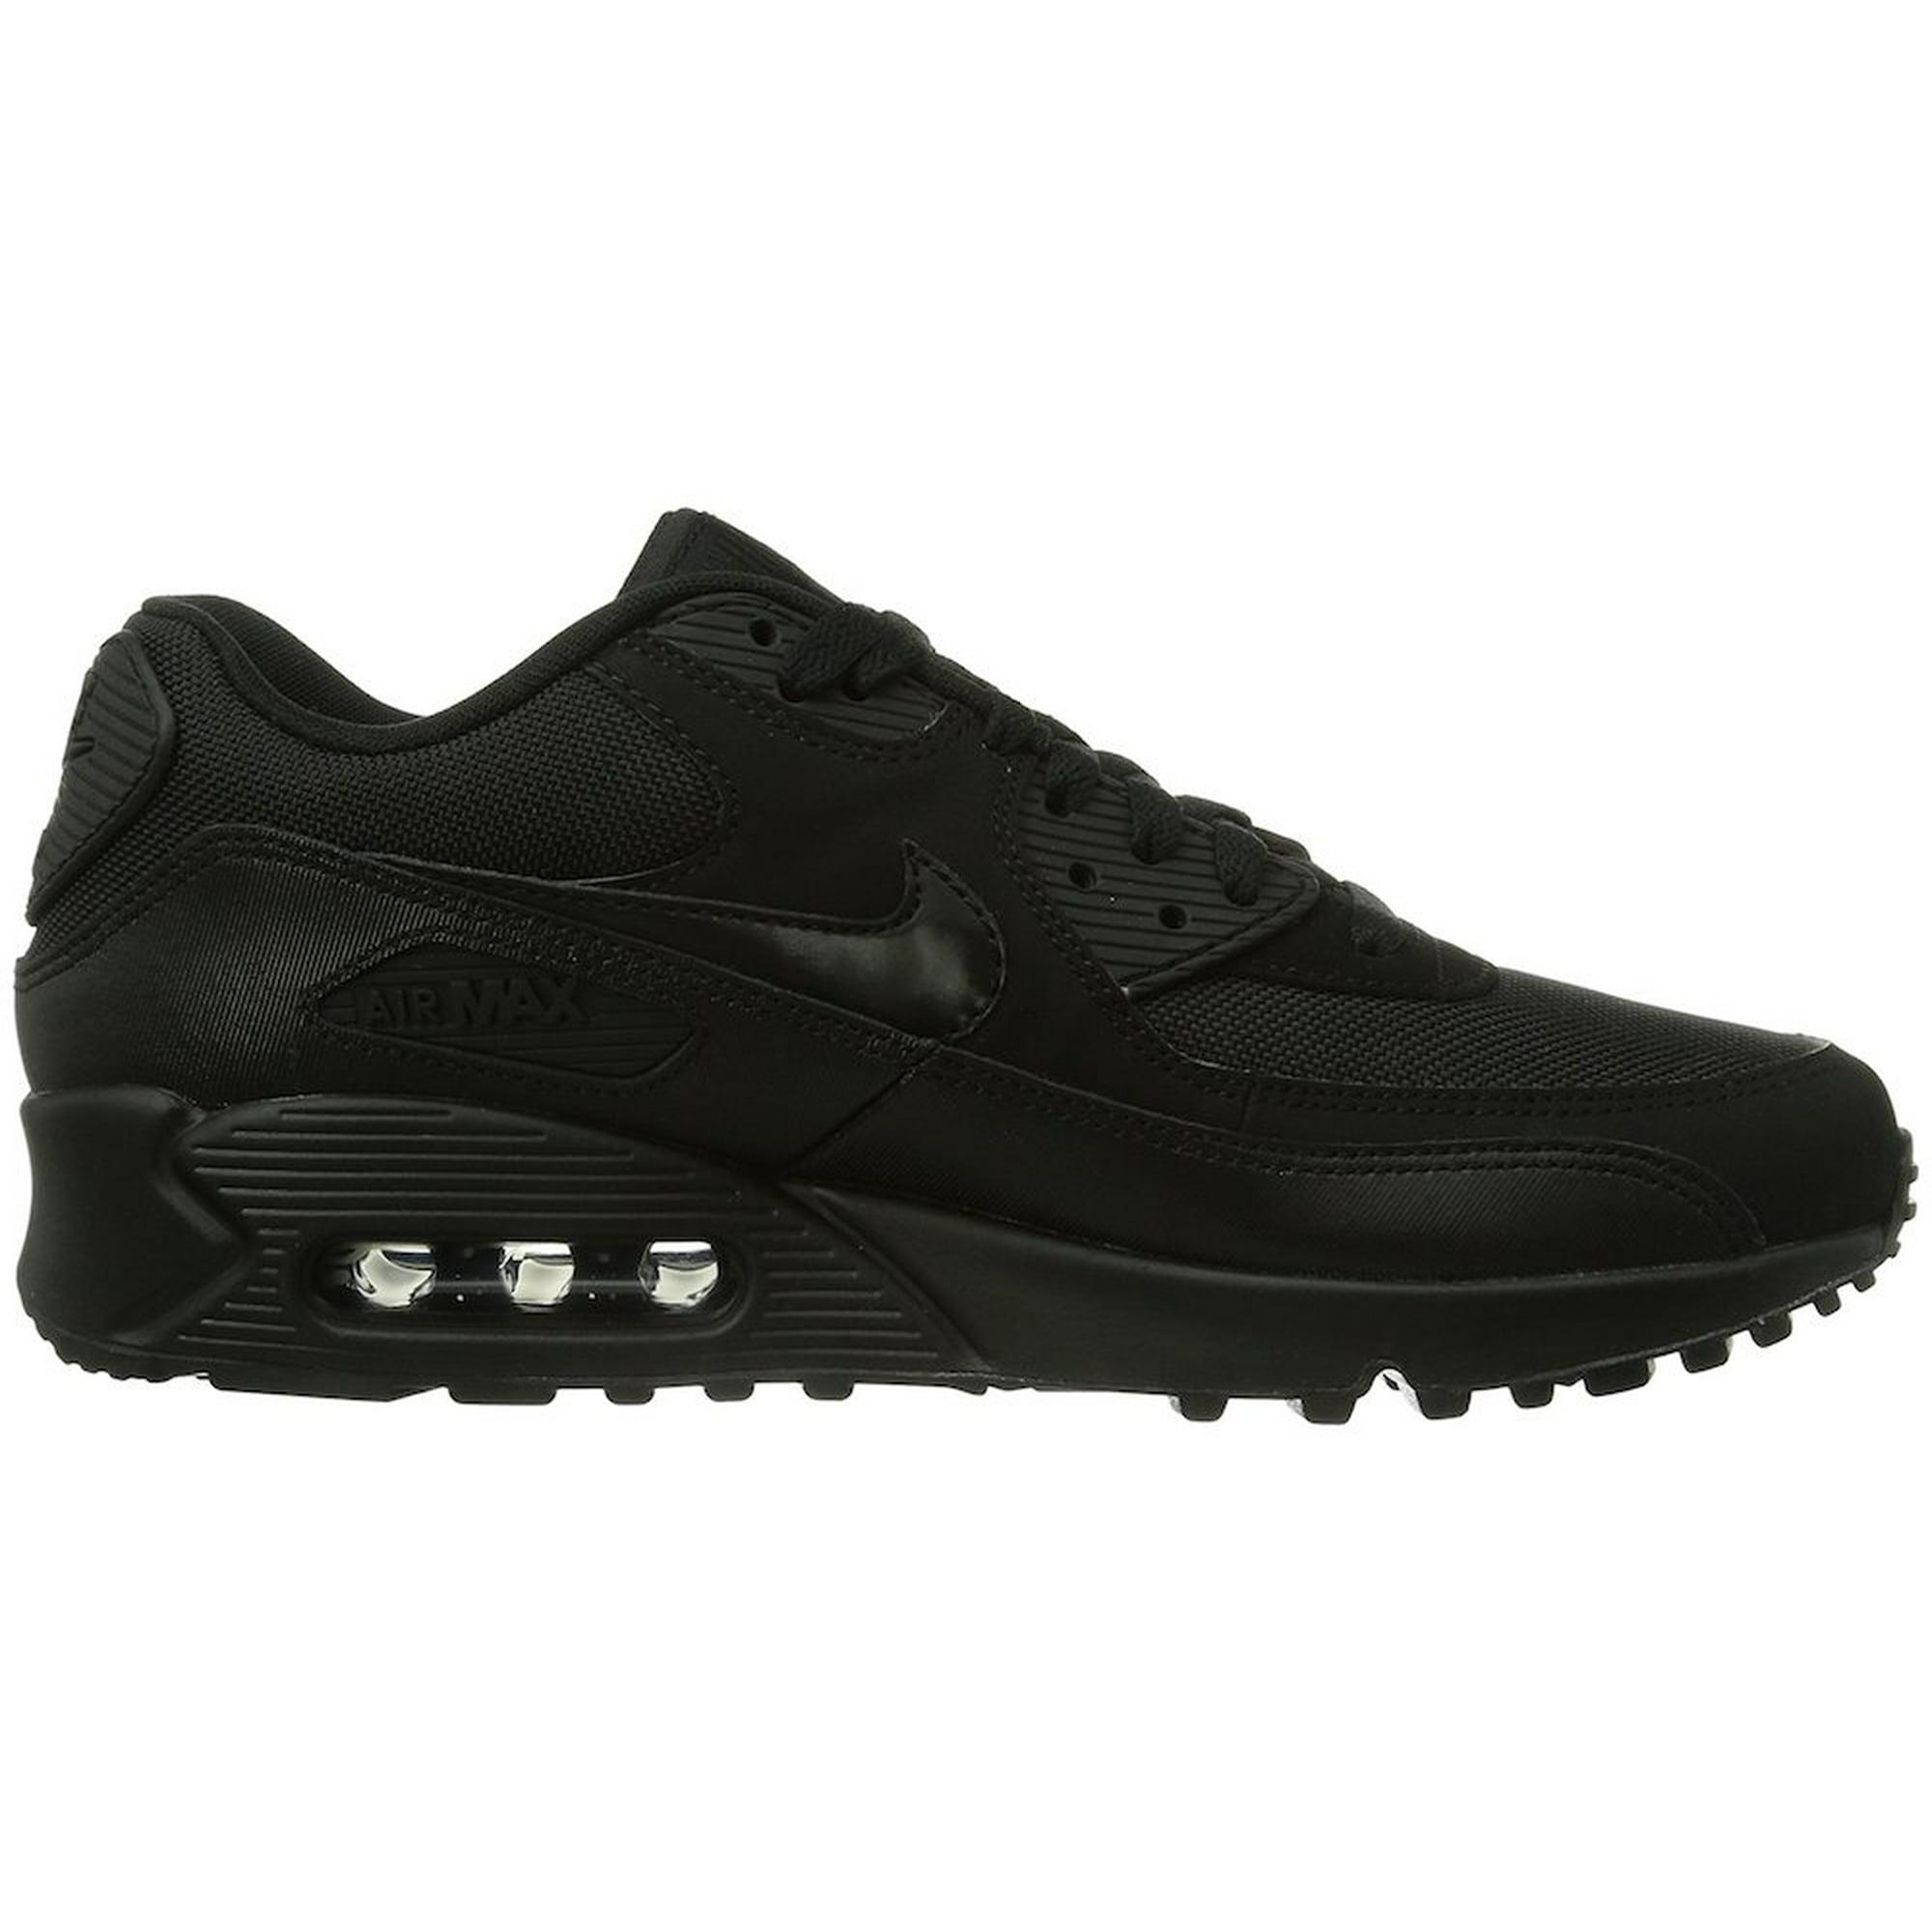 huge selection of 1e2c8 45de1 Nike Air Max 90 Men s Essential Shoes Black Black 537384-090